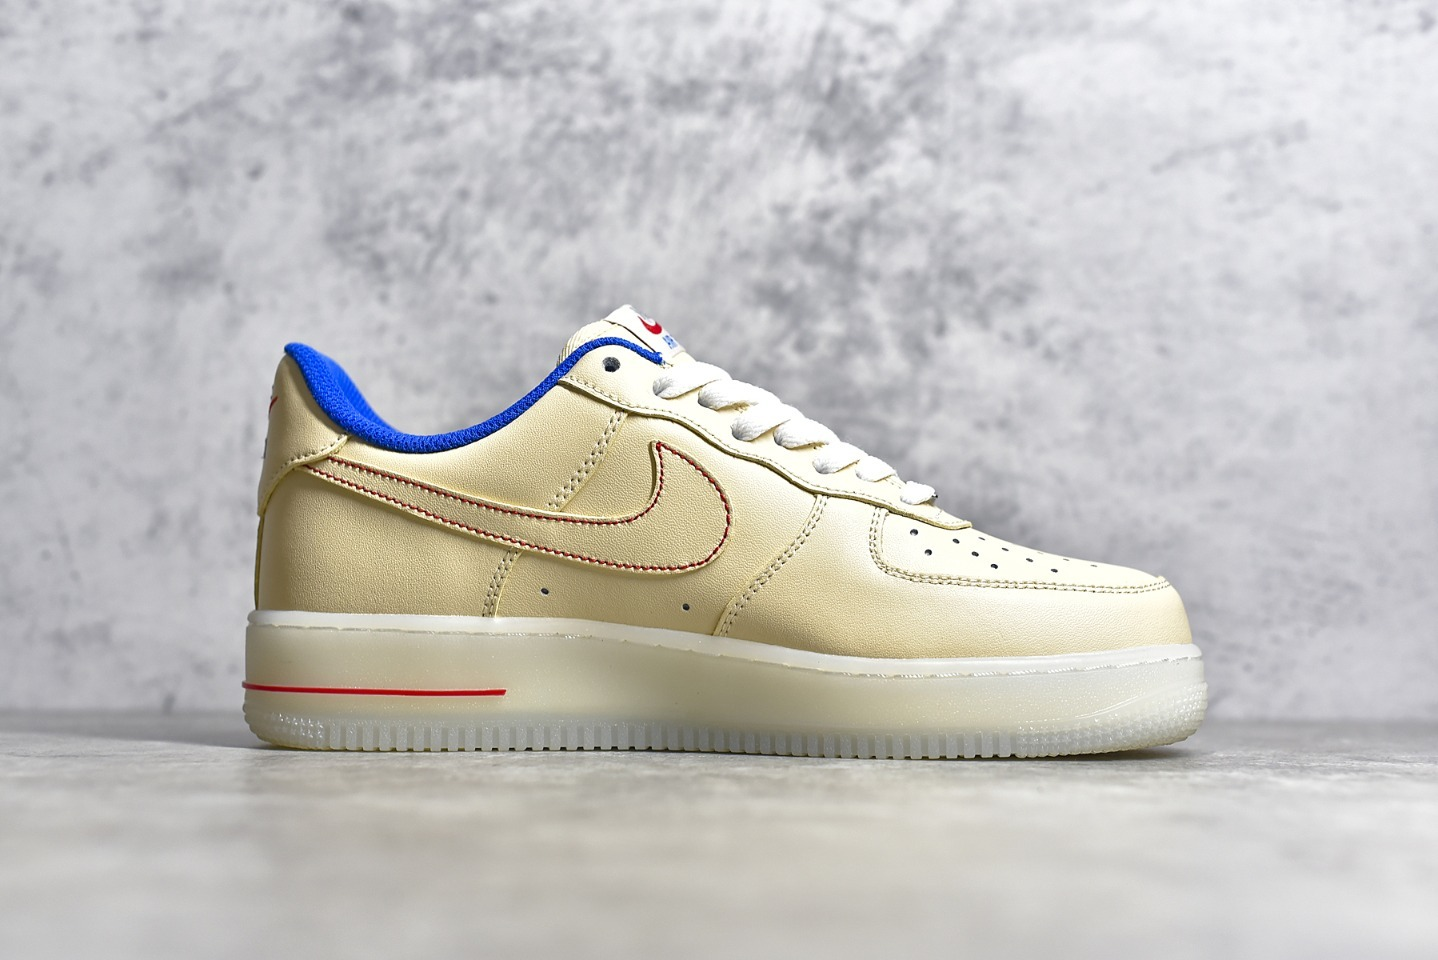 耐克空军米黄色果冻底低帮 Nike Air Force 1 Low CJ纯原版本耐克内置SOLE蜂窝气垫板鞋 货号:DH0928-800-潮流者之家